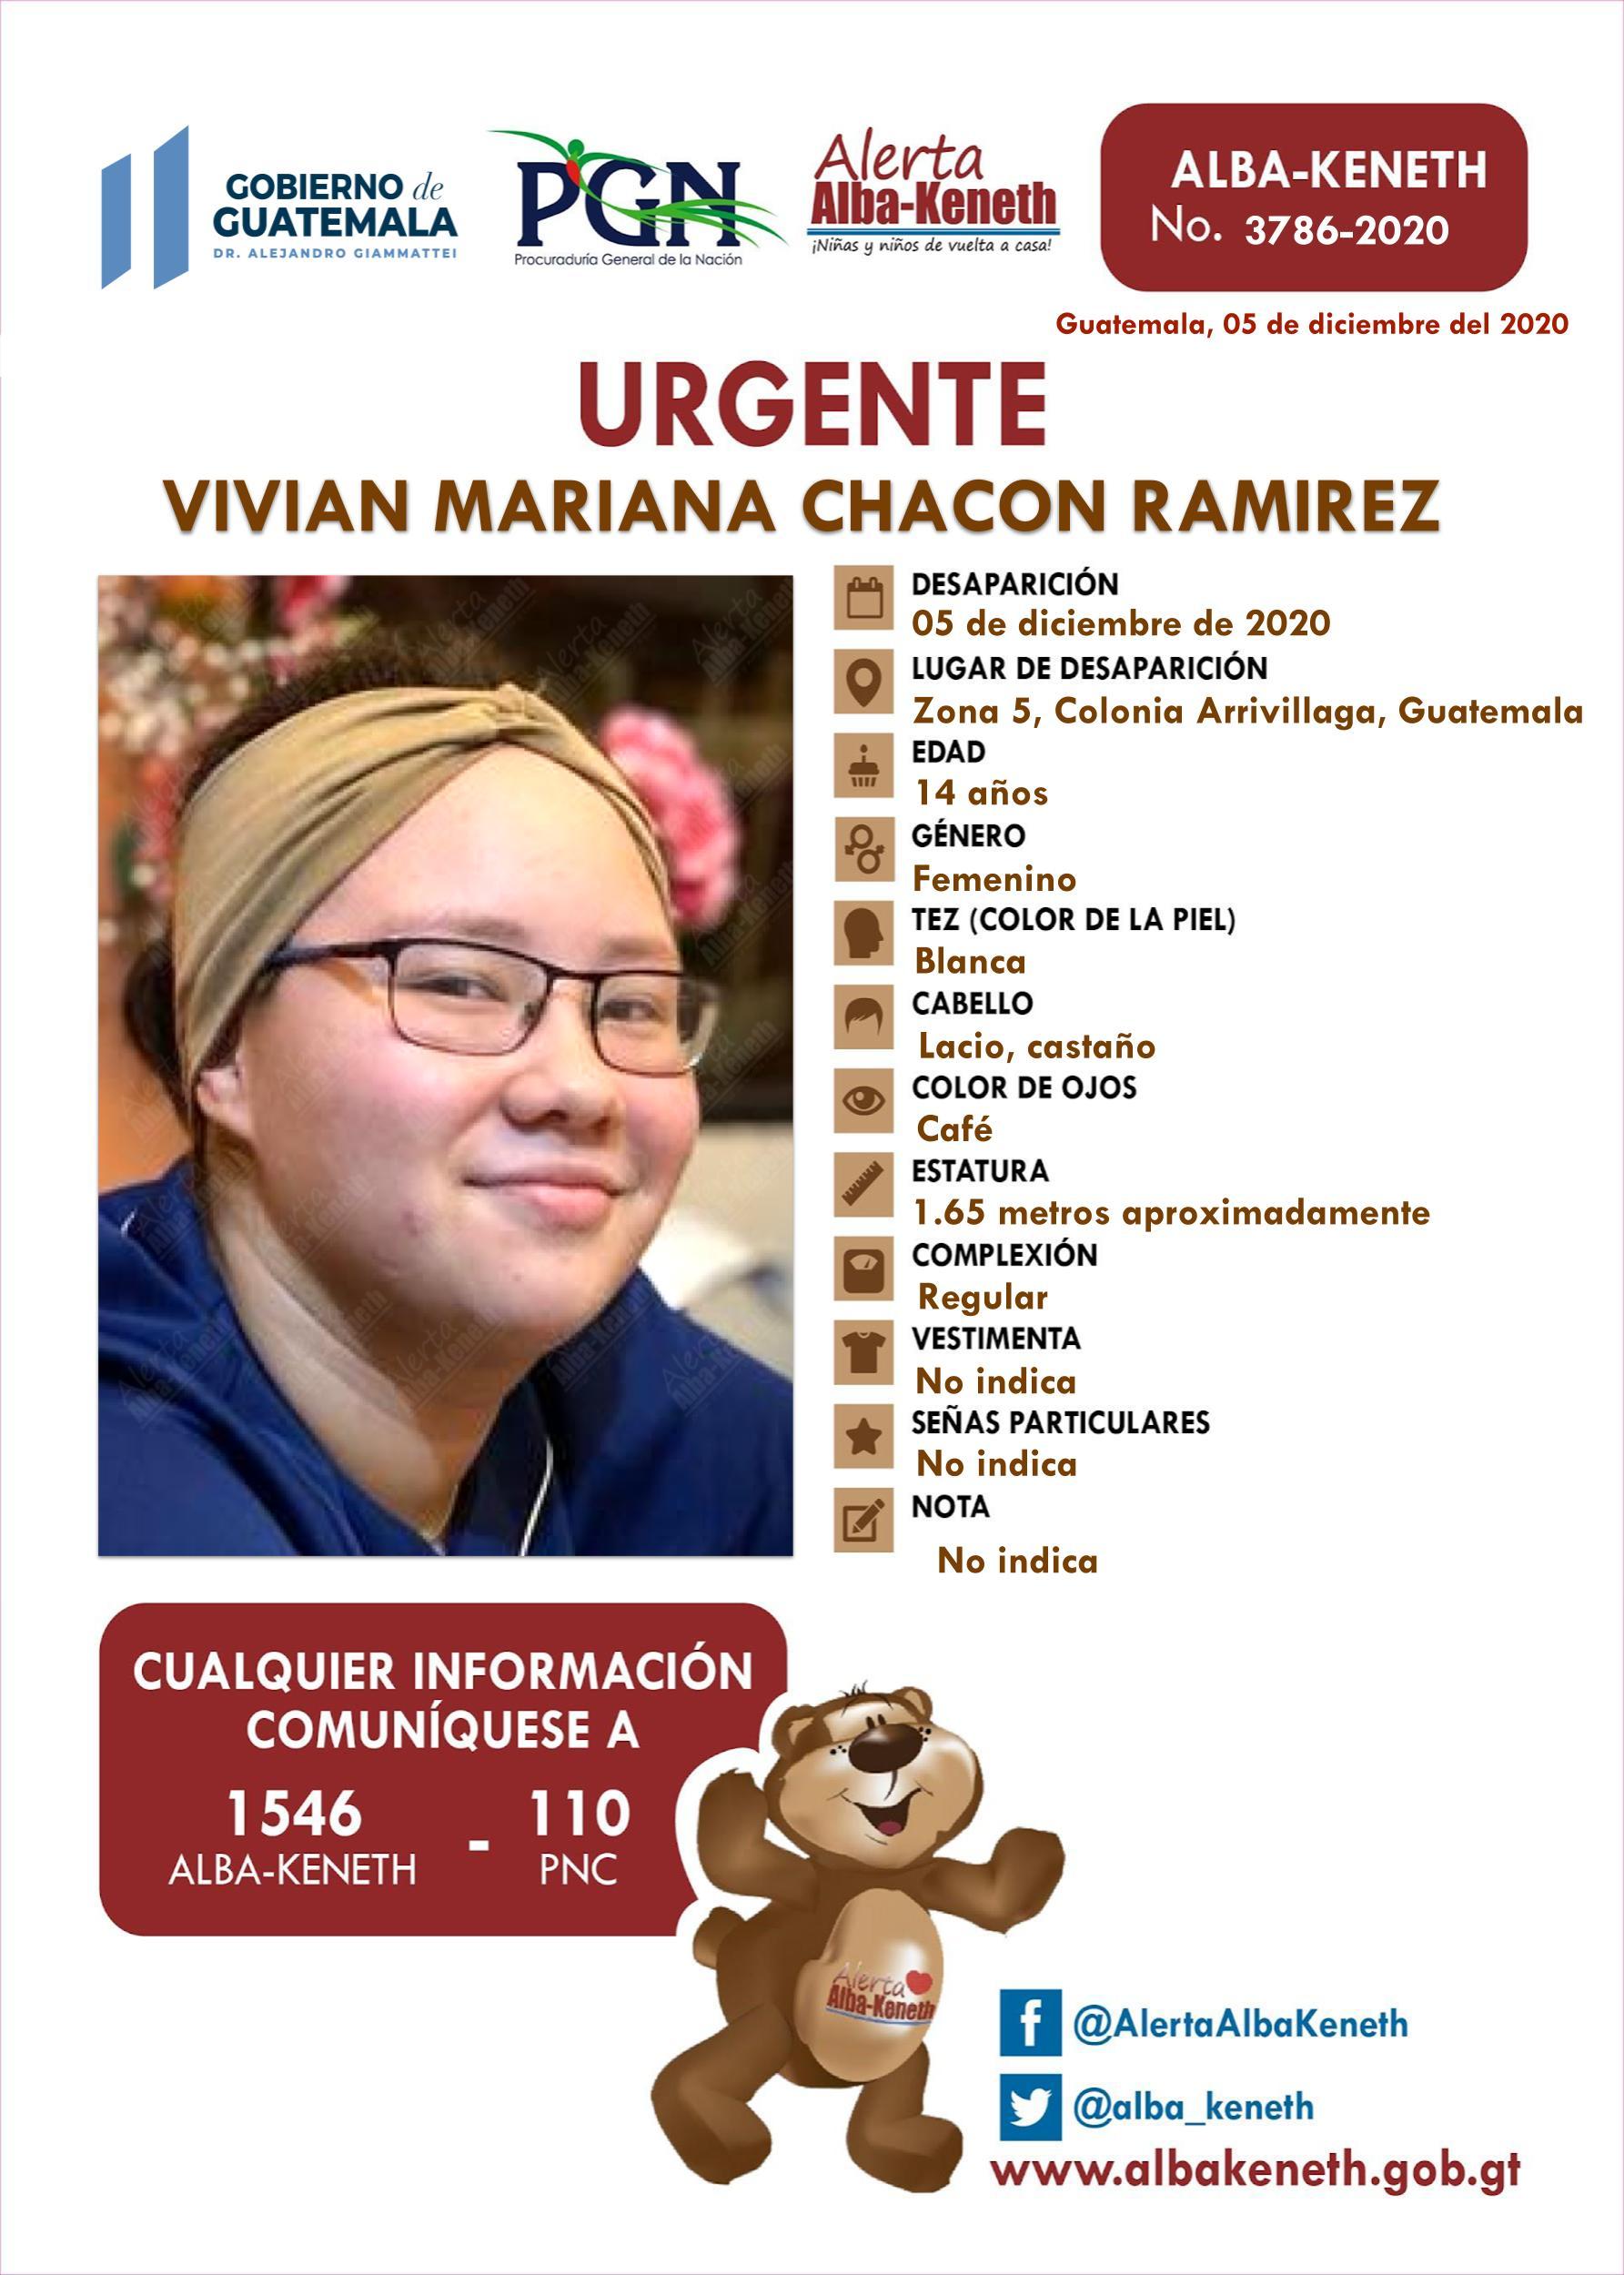 Vivian Mariana Chacon Ramirez